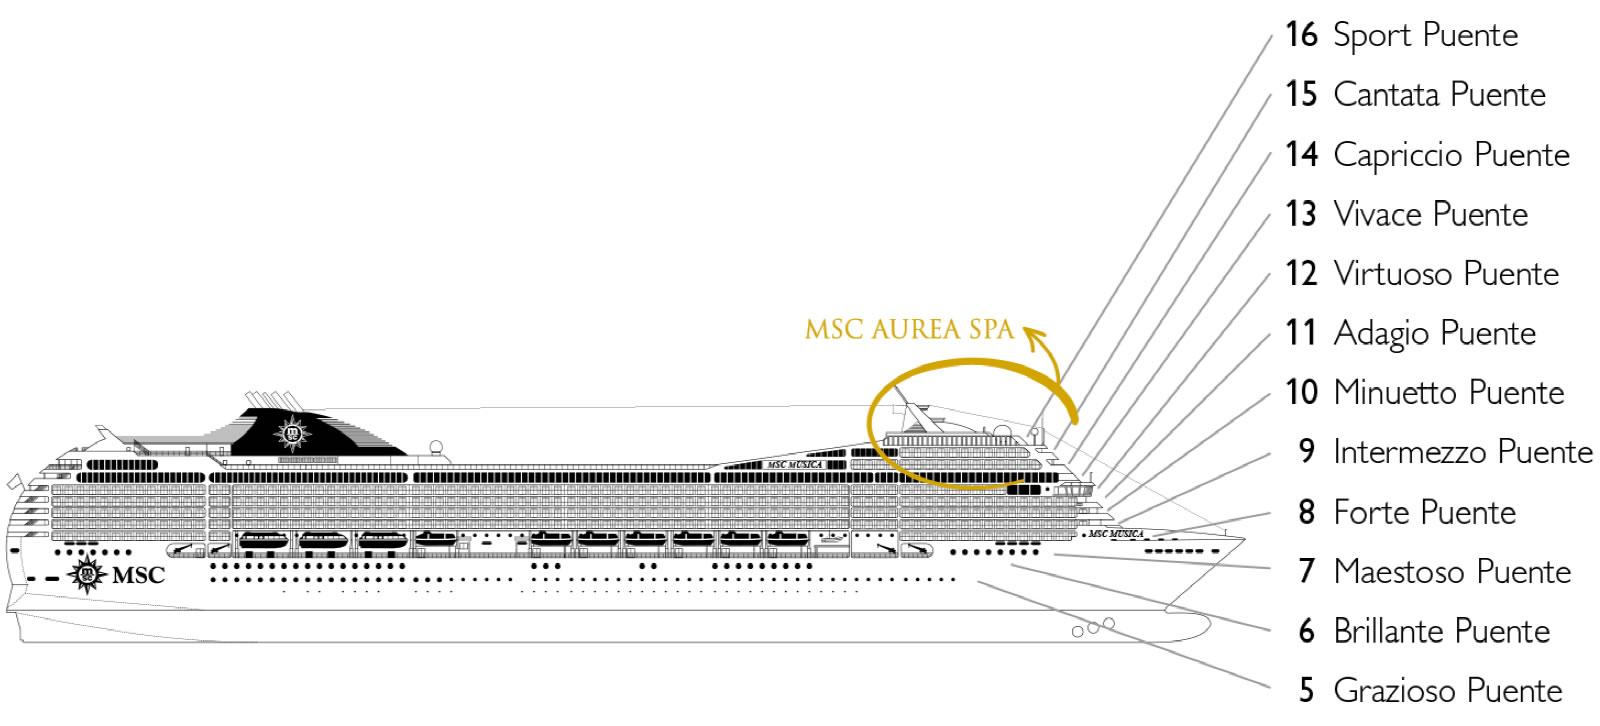 Kategorien und Kabinen des Schiffs MSC Musica, MSC Kreuzfahrten - Logitravel.de